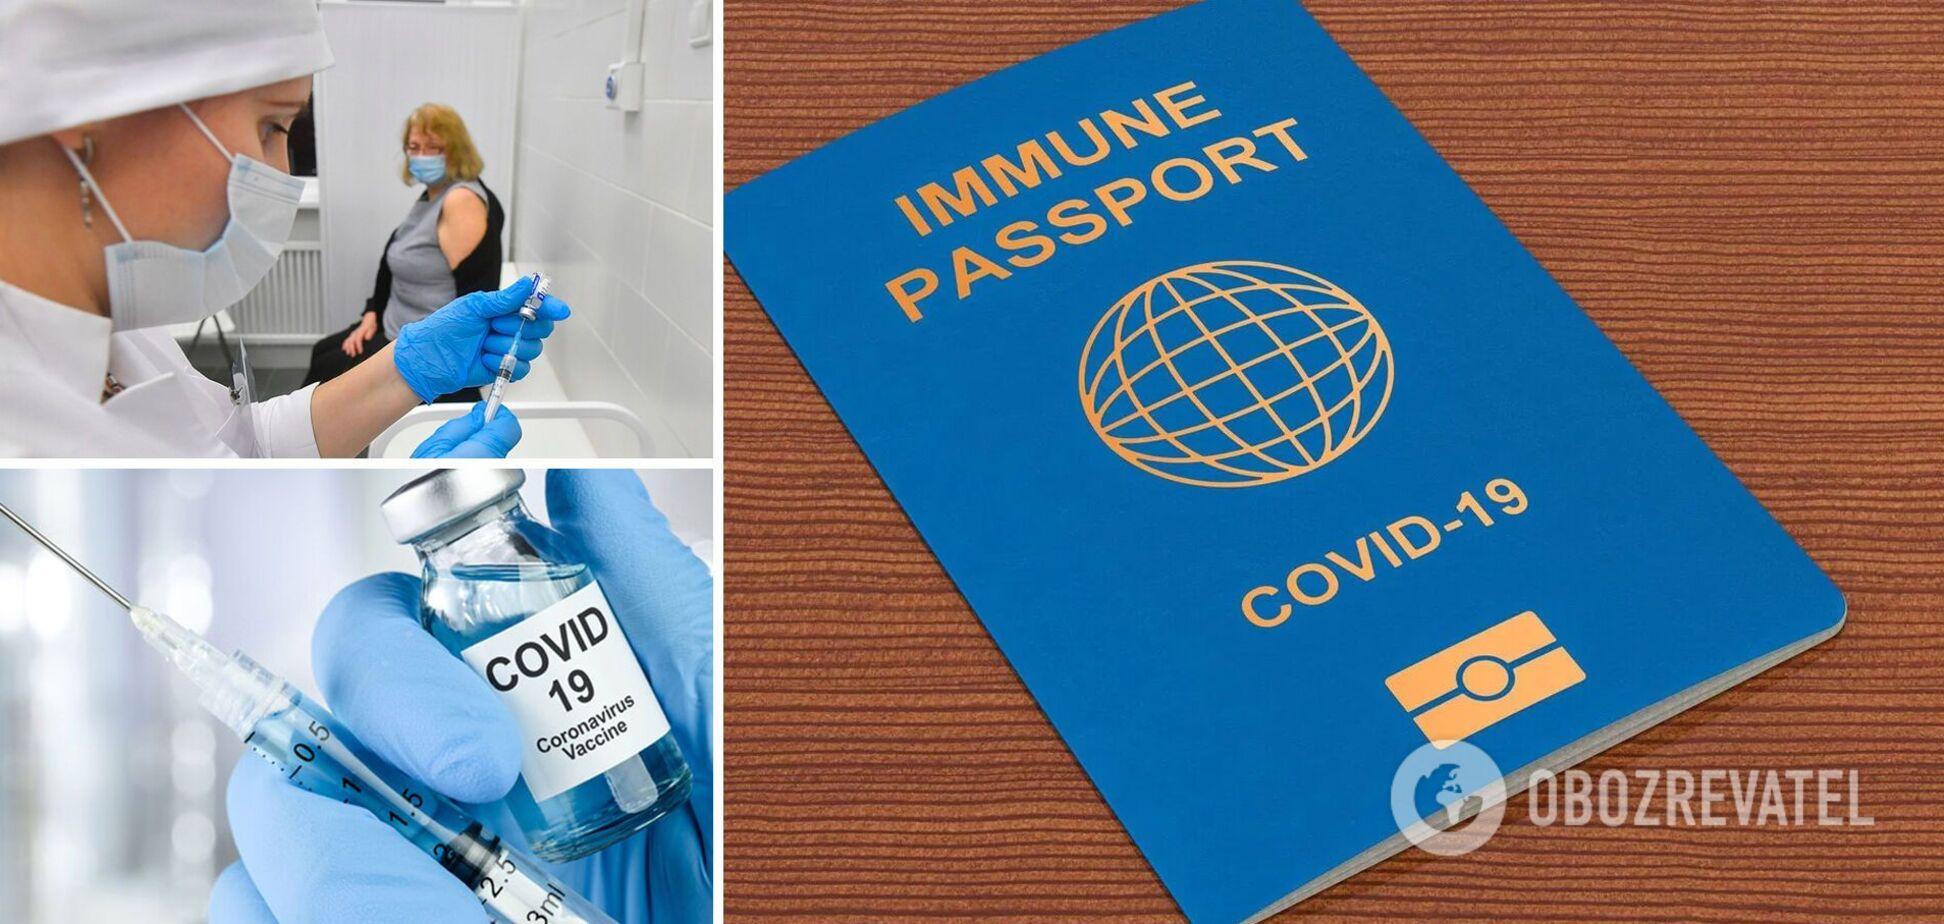 В Украине мошенники начали печатать 'липовые' паспорта о прививке от COVID-19: почему не стоит рисковать